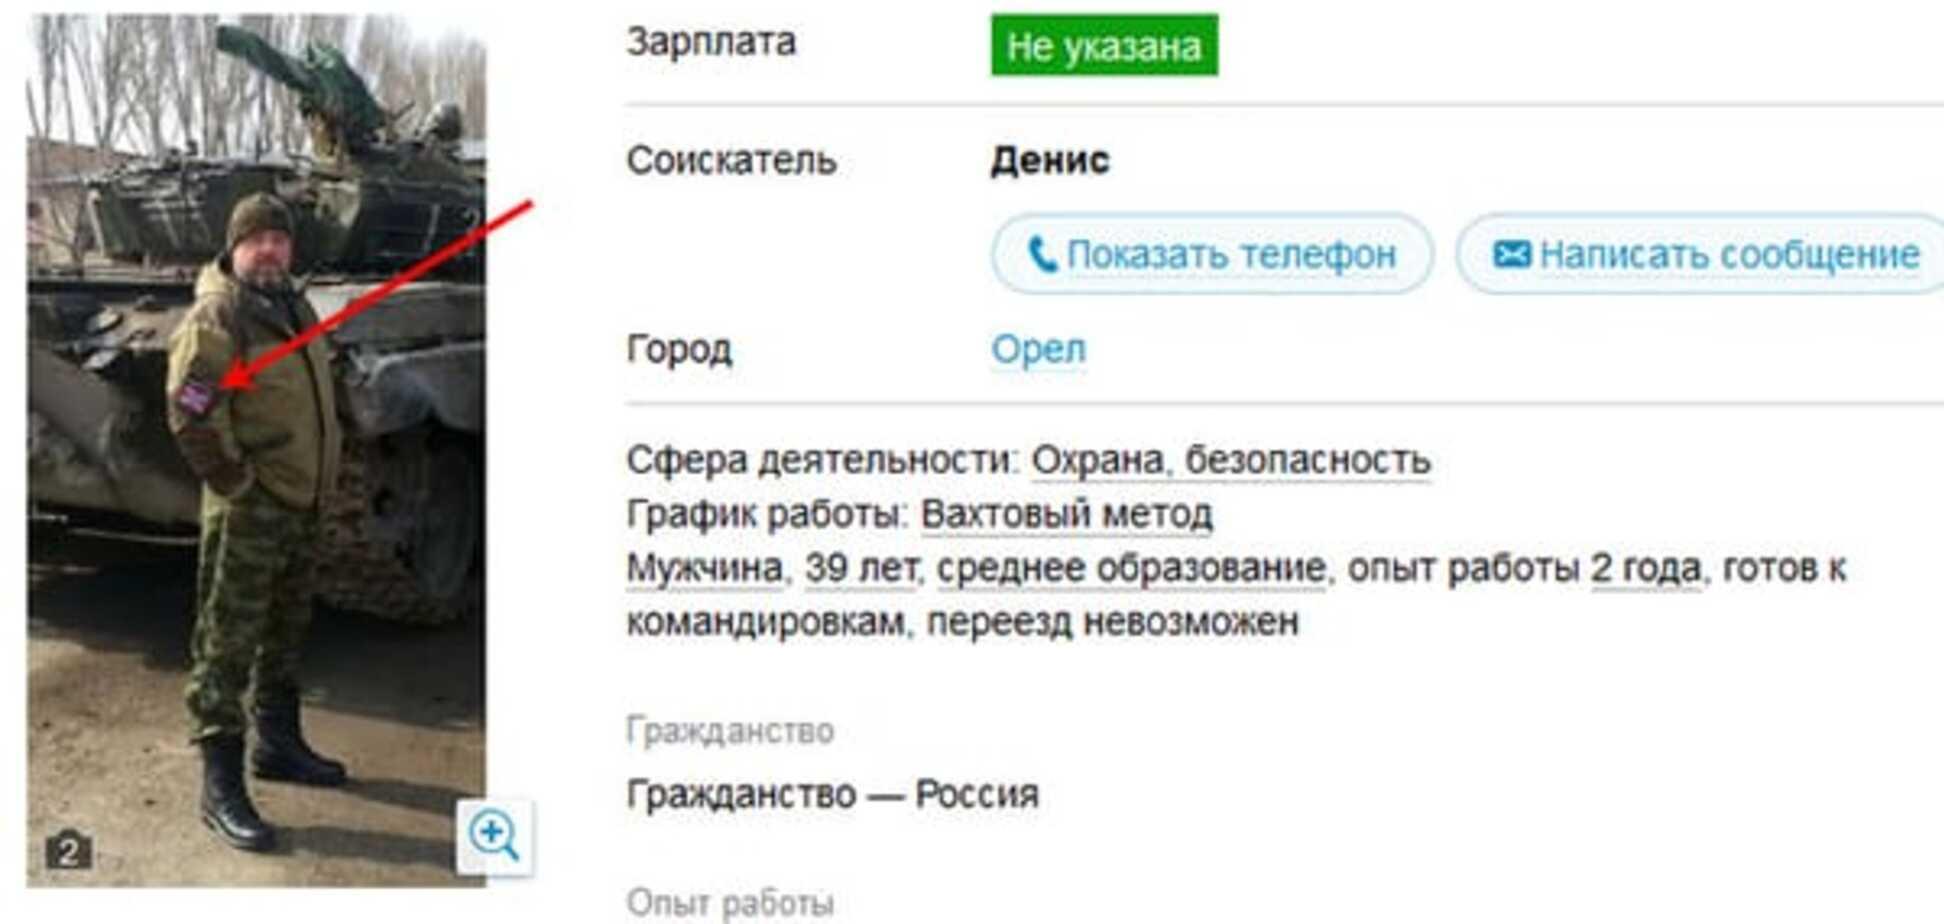 'Шукаю роботу': росіянин розмістив в резюме фото з війни на Донбасі